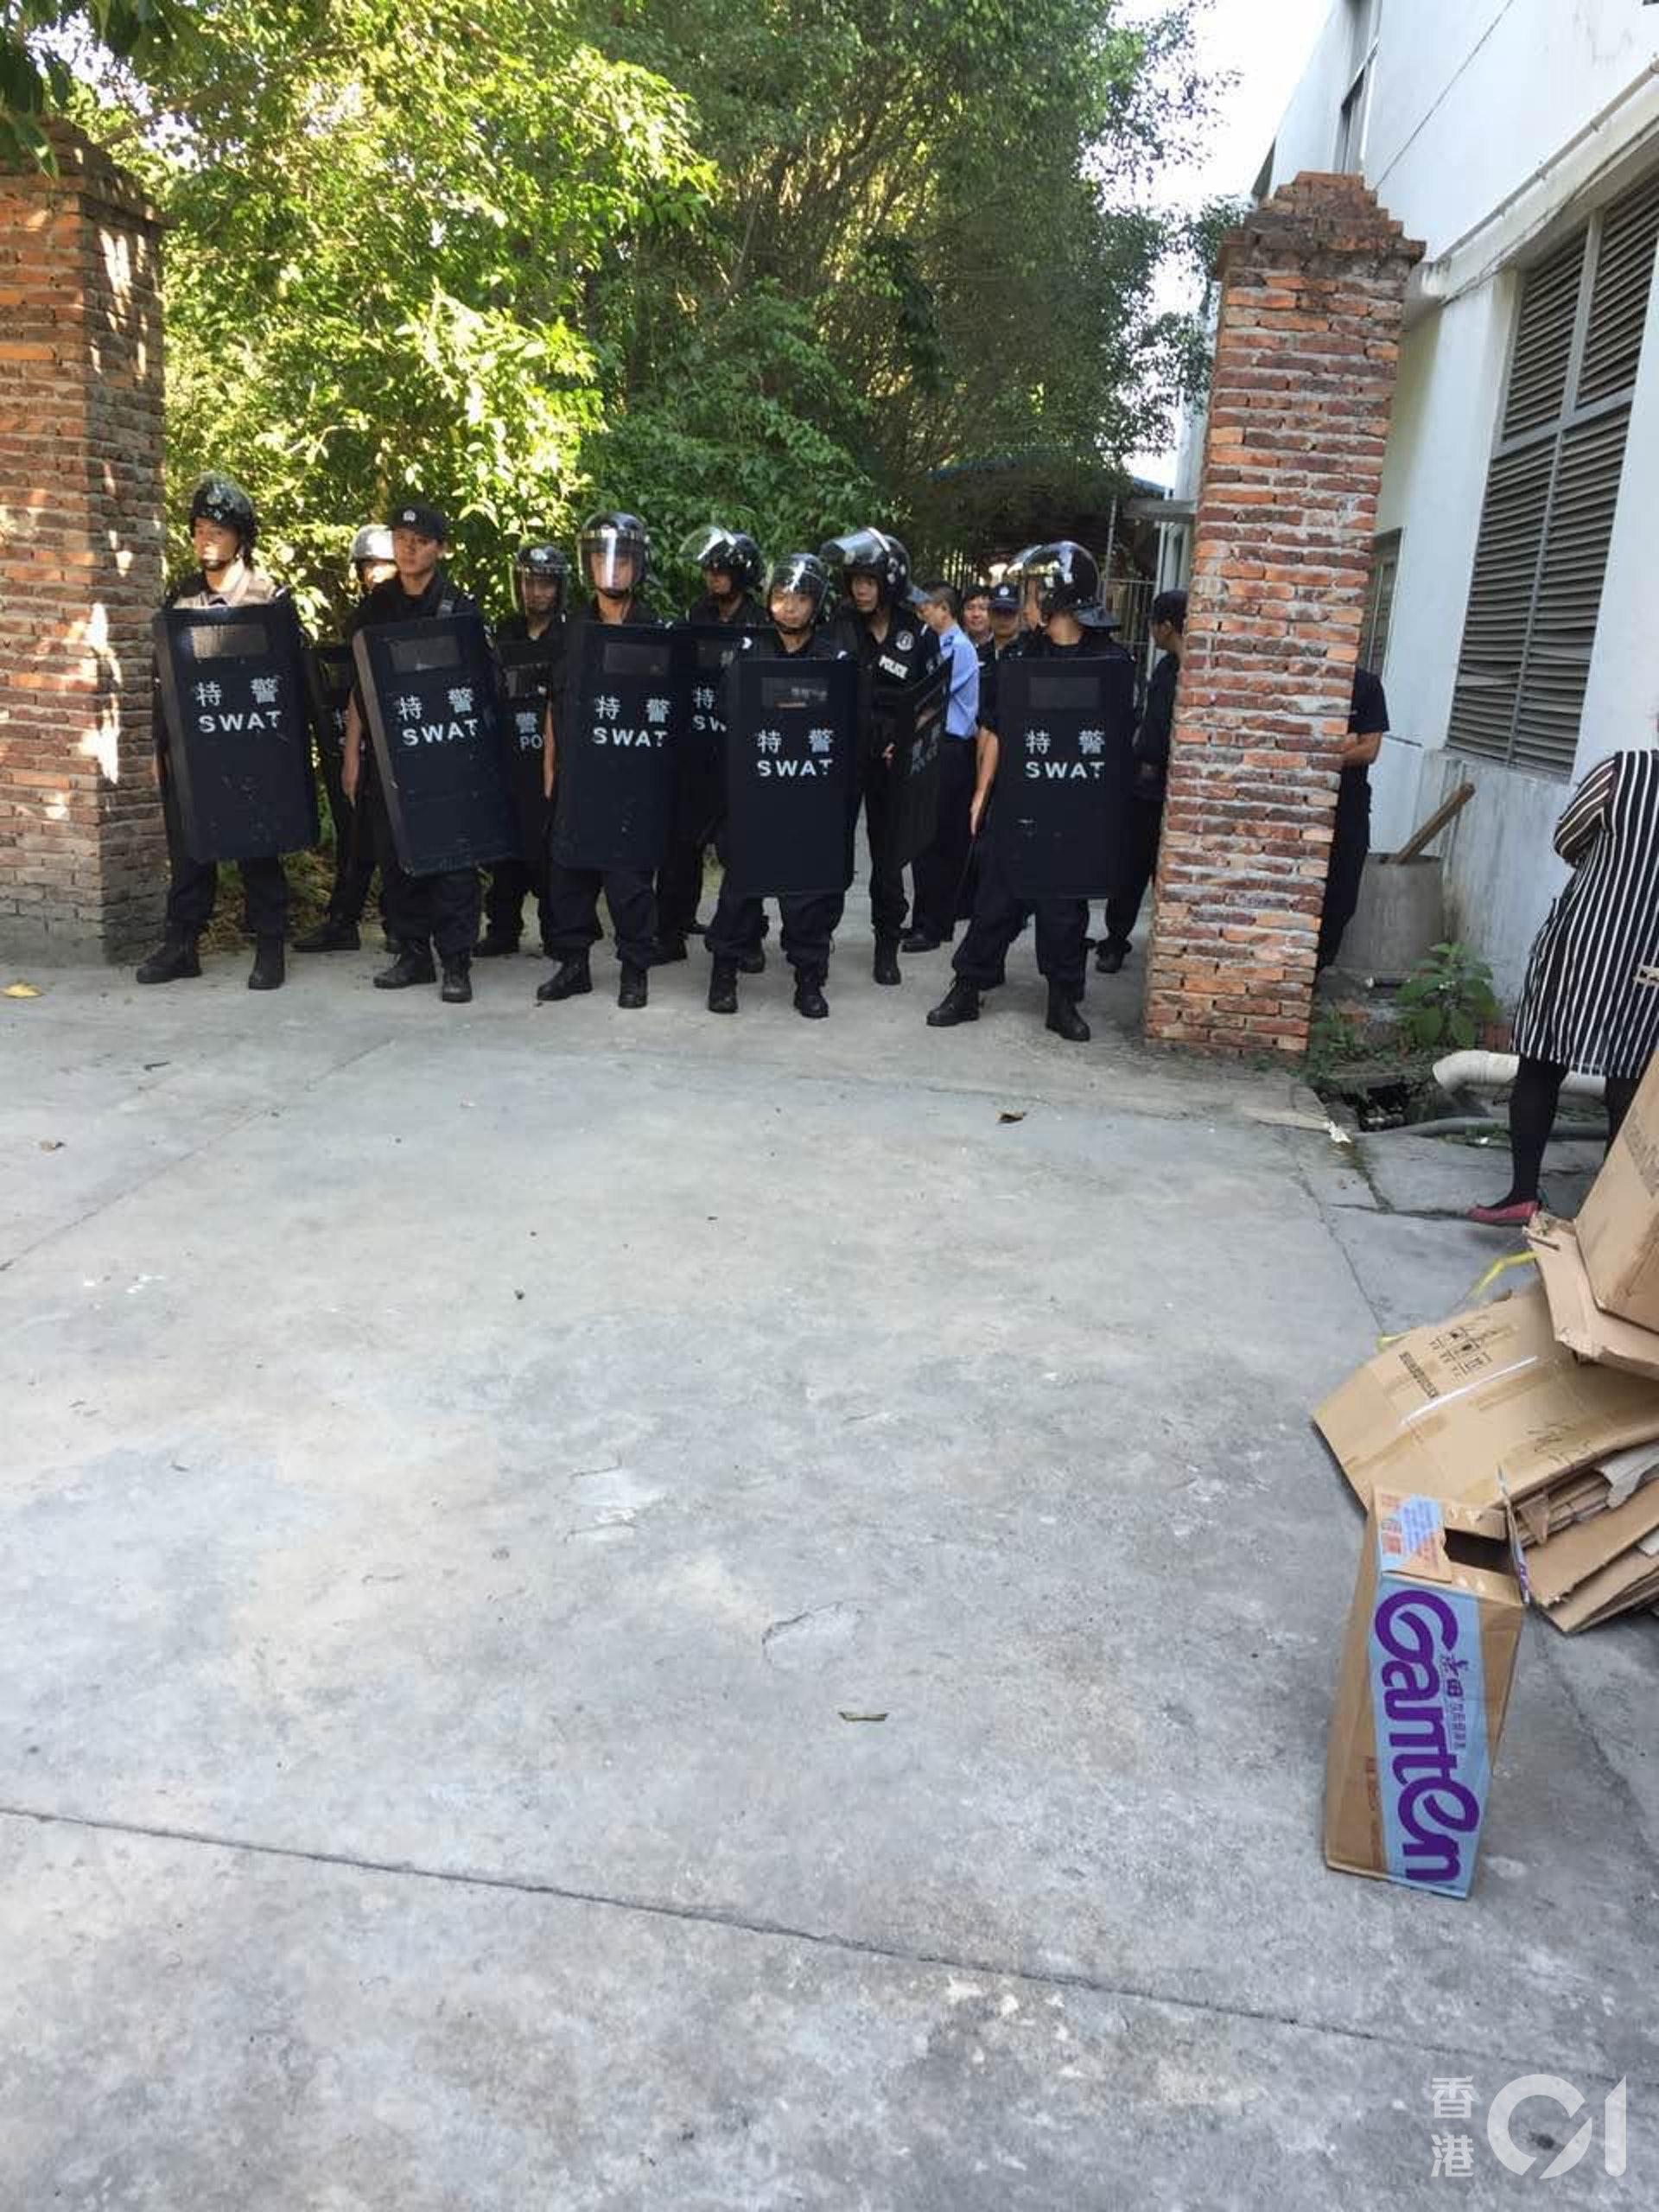 沈生一家不同意公安局解剖屍體,最後公安局在福山殯儀館派出持長盾的特警驅趕他們。(受訪者提供)